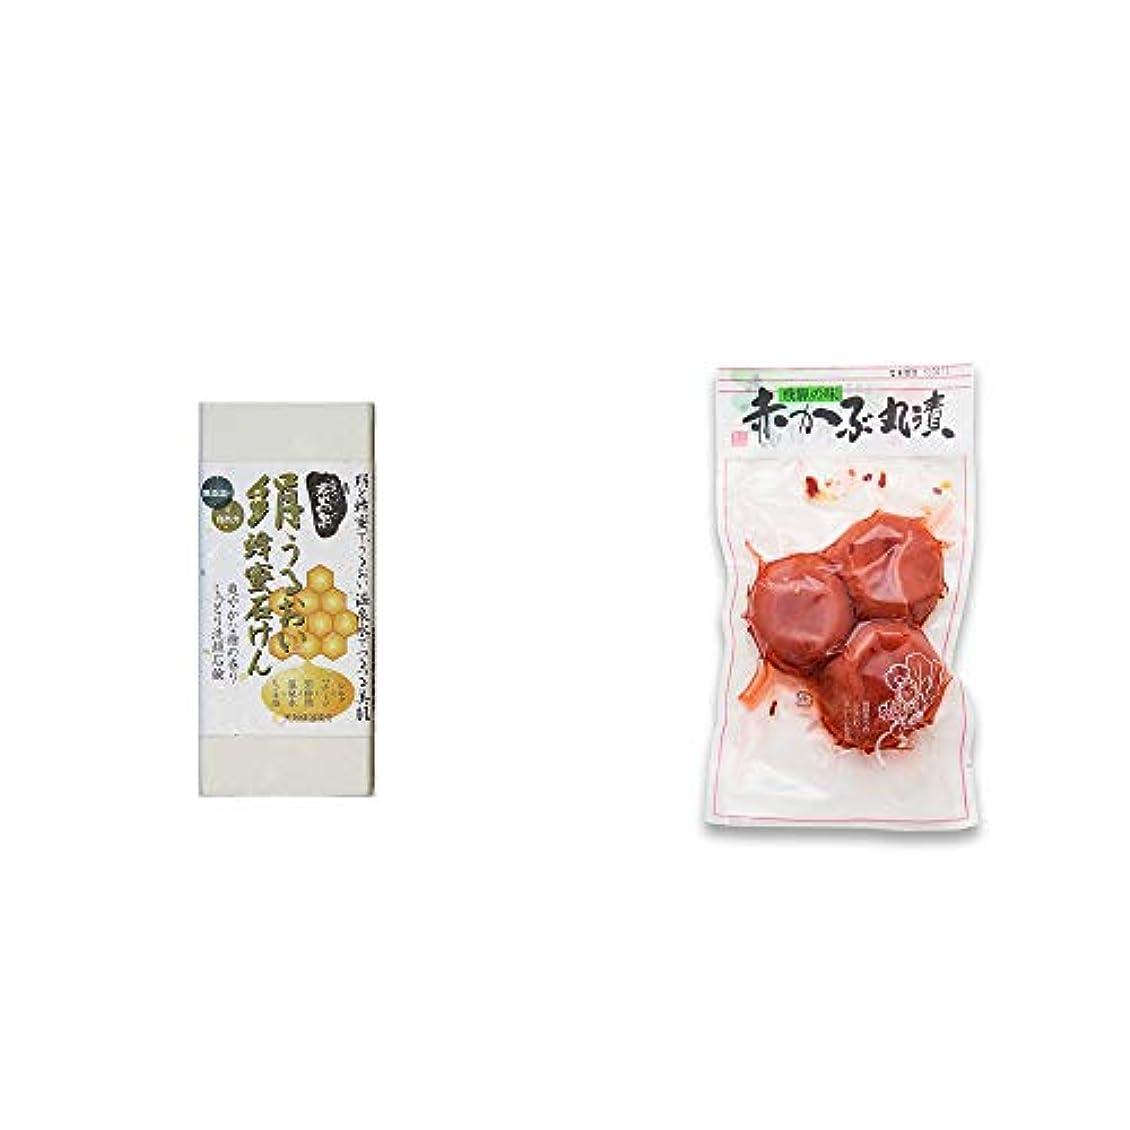 乳製品壮大なアマゾンジャングル[2点セット] ひのき炭黒泉 絹うるおい蜂蜜石けん(75g×2)?赤かぶ丸漬け(150g)